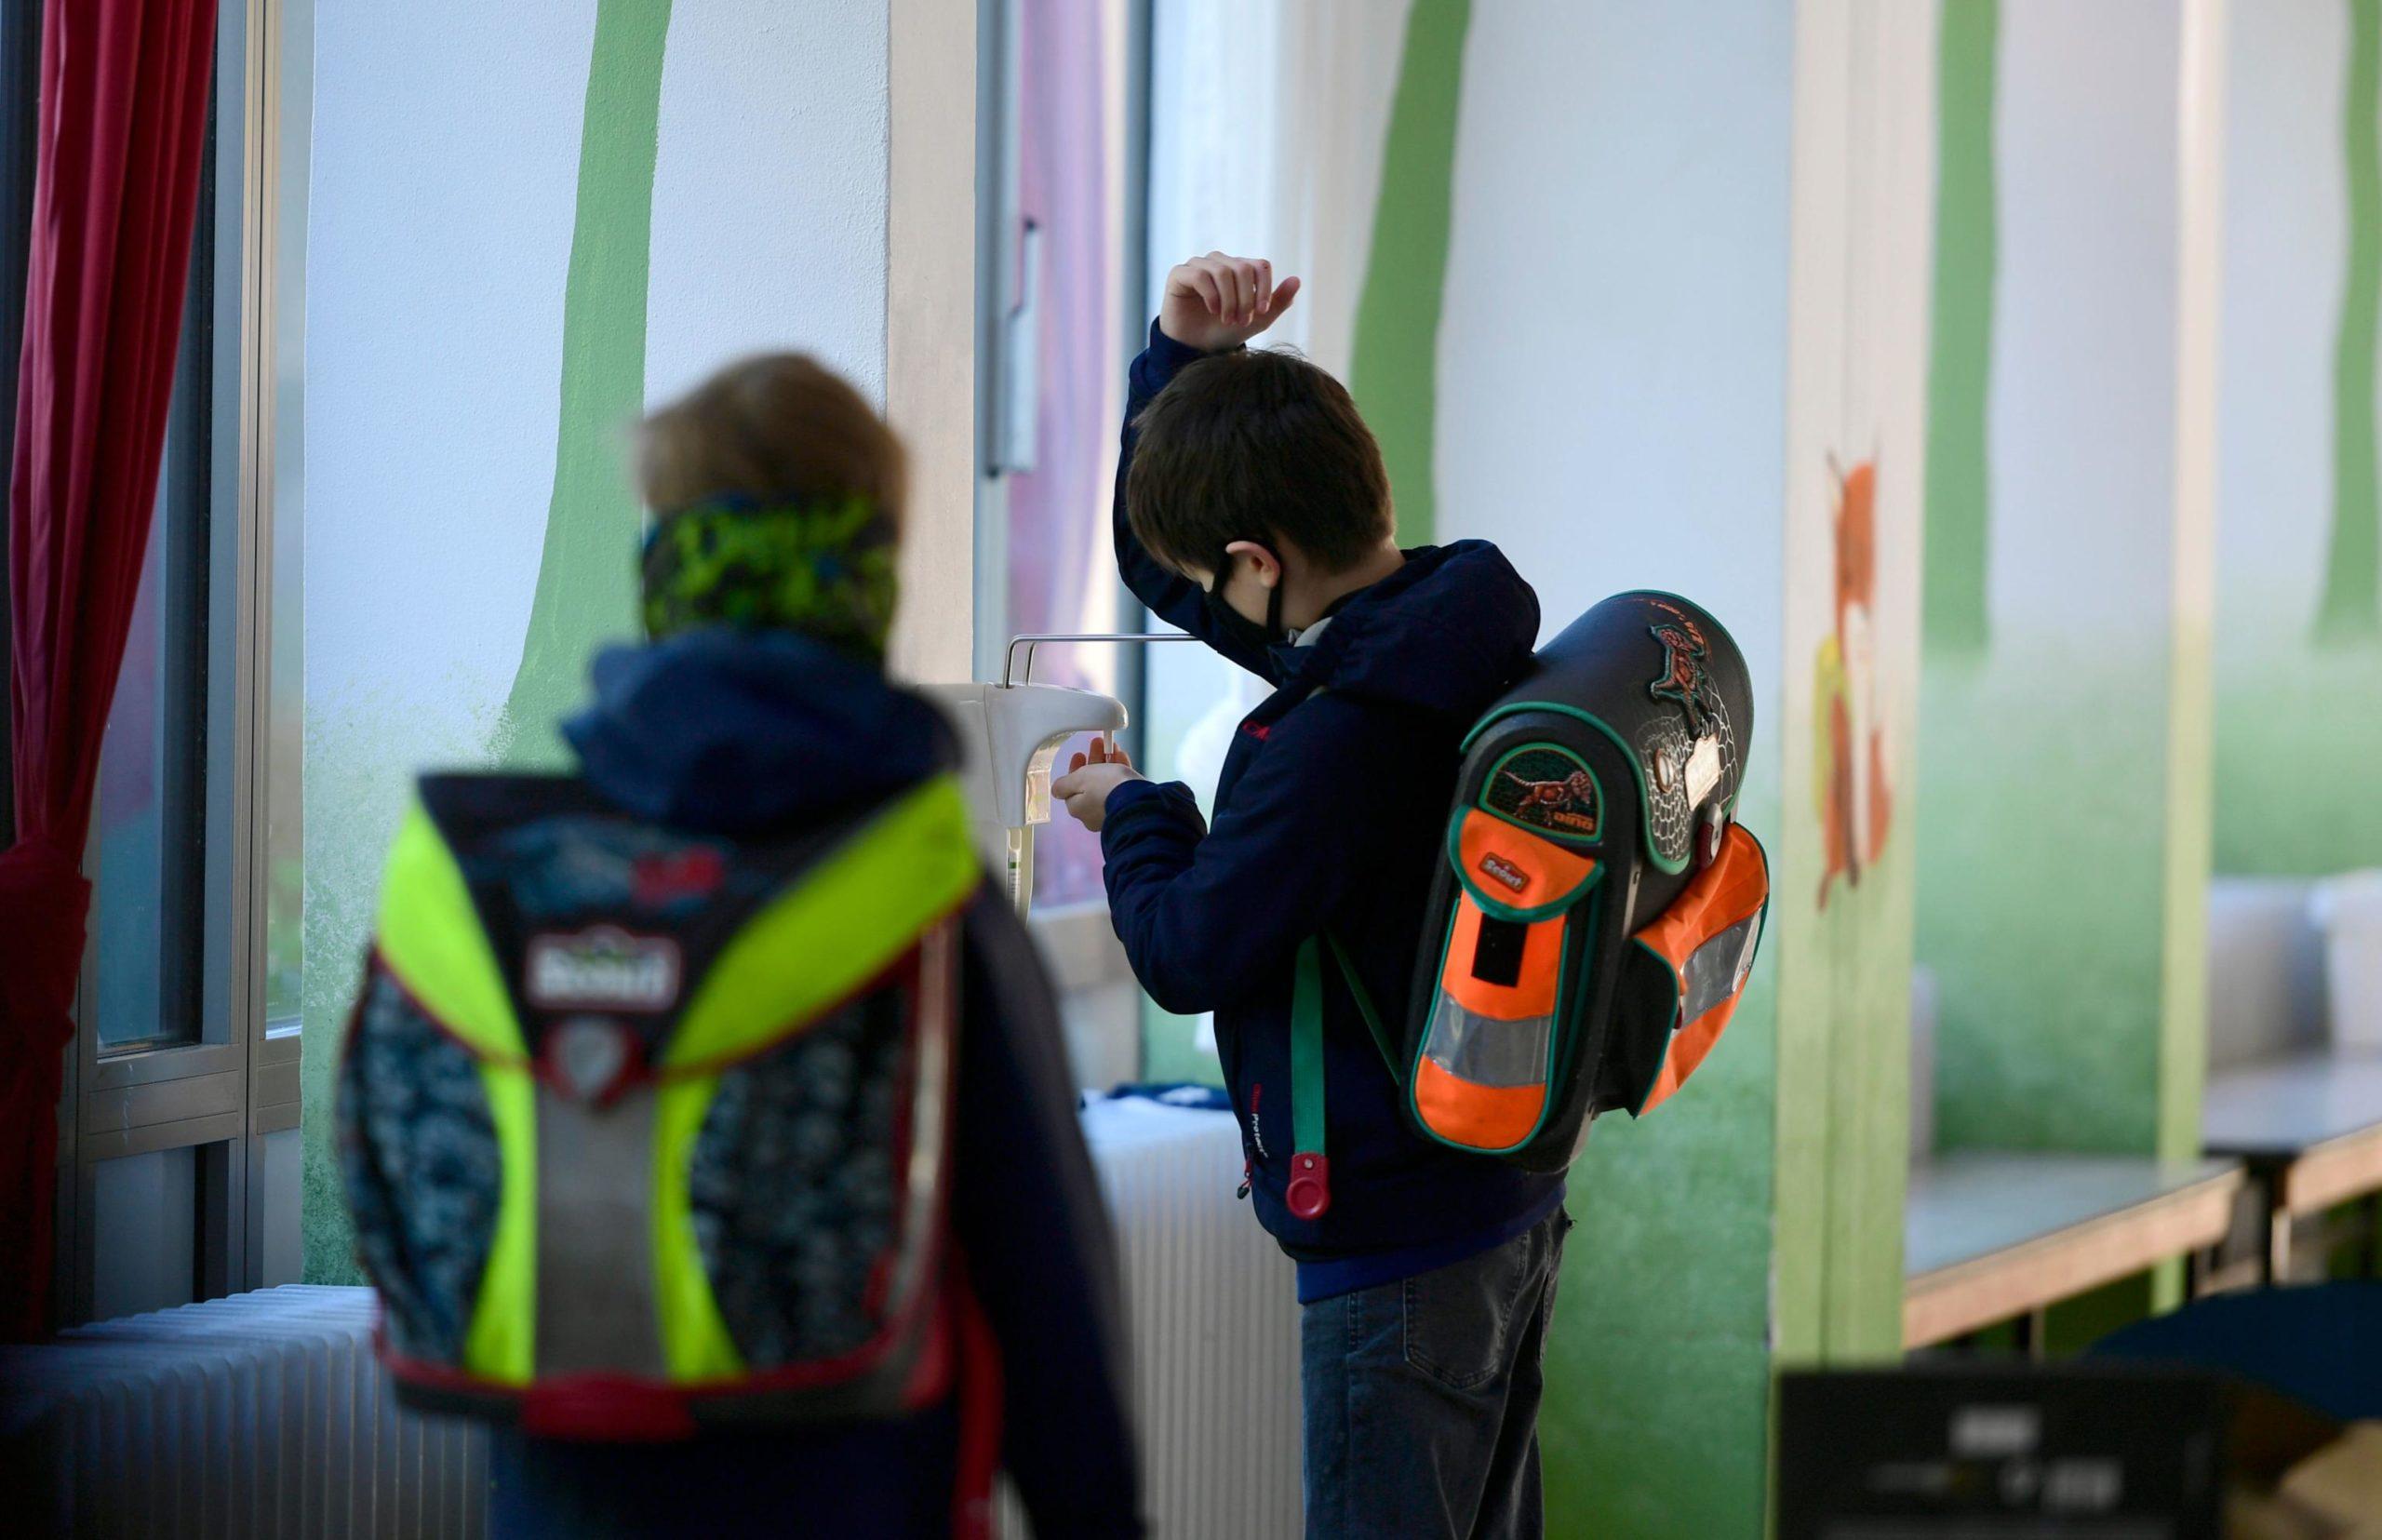 Un bambino si disinfetta le mani, in attesa di dirigersi in aula per le lezioni. Indossa la mascherina come tutti i suoi compagni